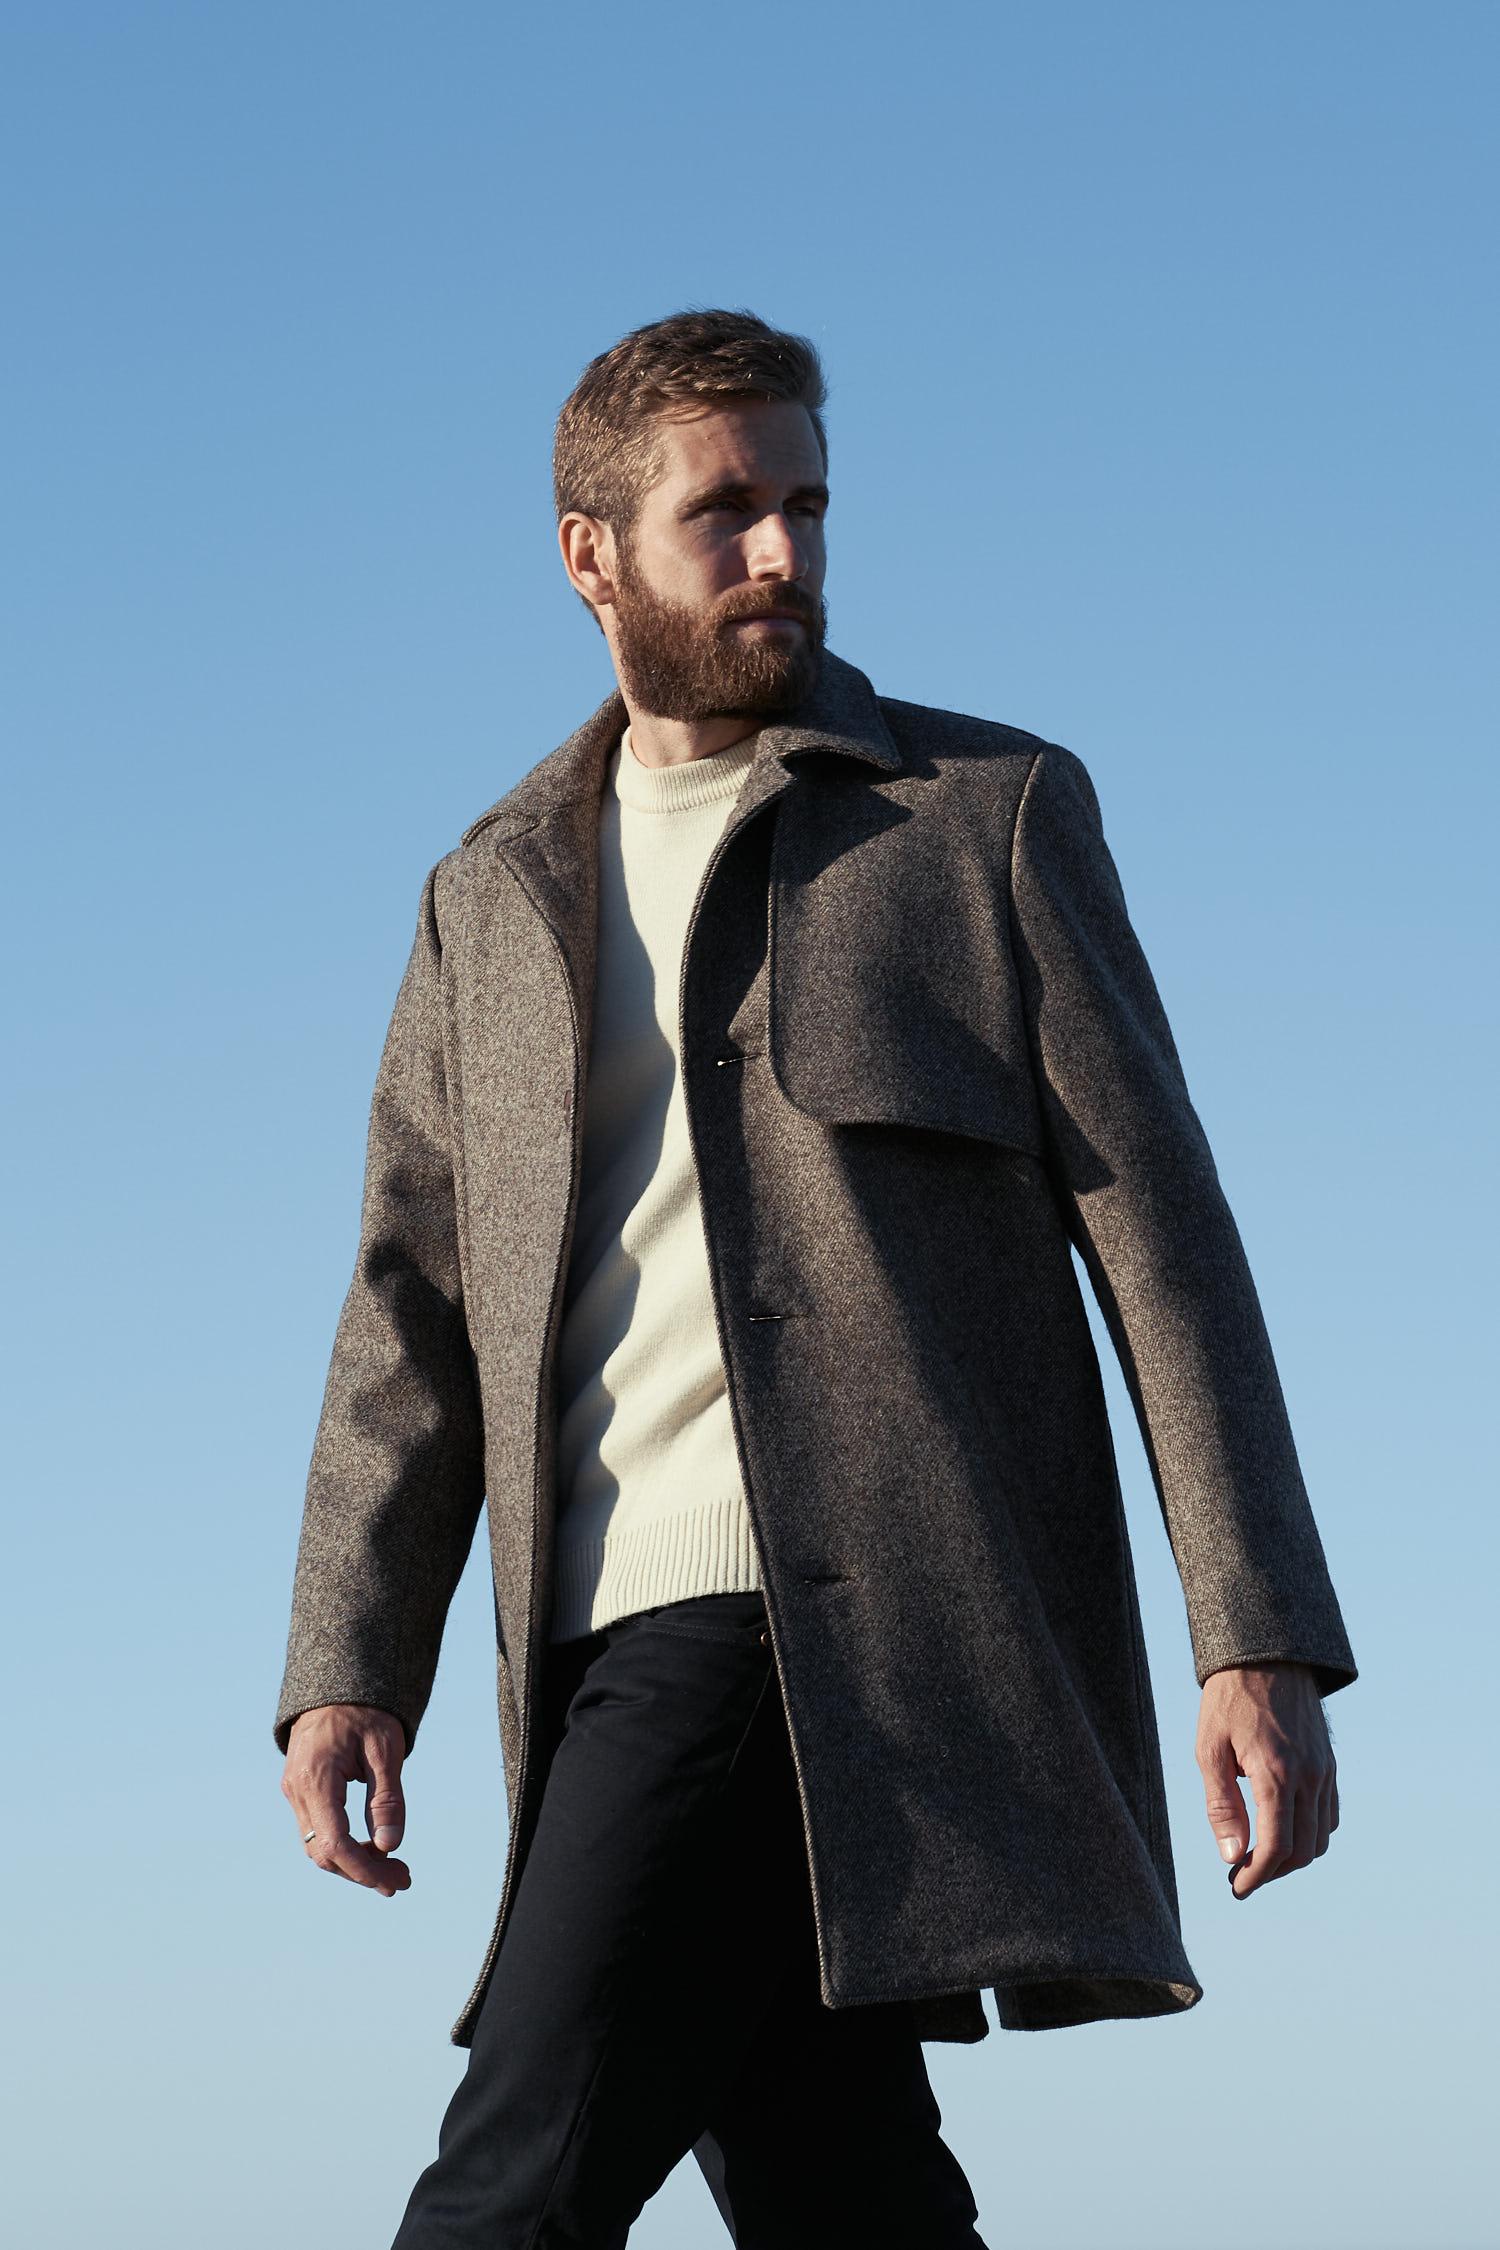 Manteau long élégant pour homme en laines françaises. Motif diagonales. tissé en France. Fabrication 100% made in France. Doublure en lin Belge certifié Master of Linen.